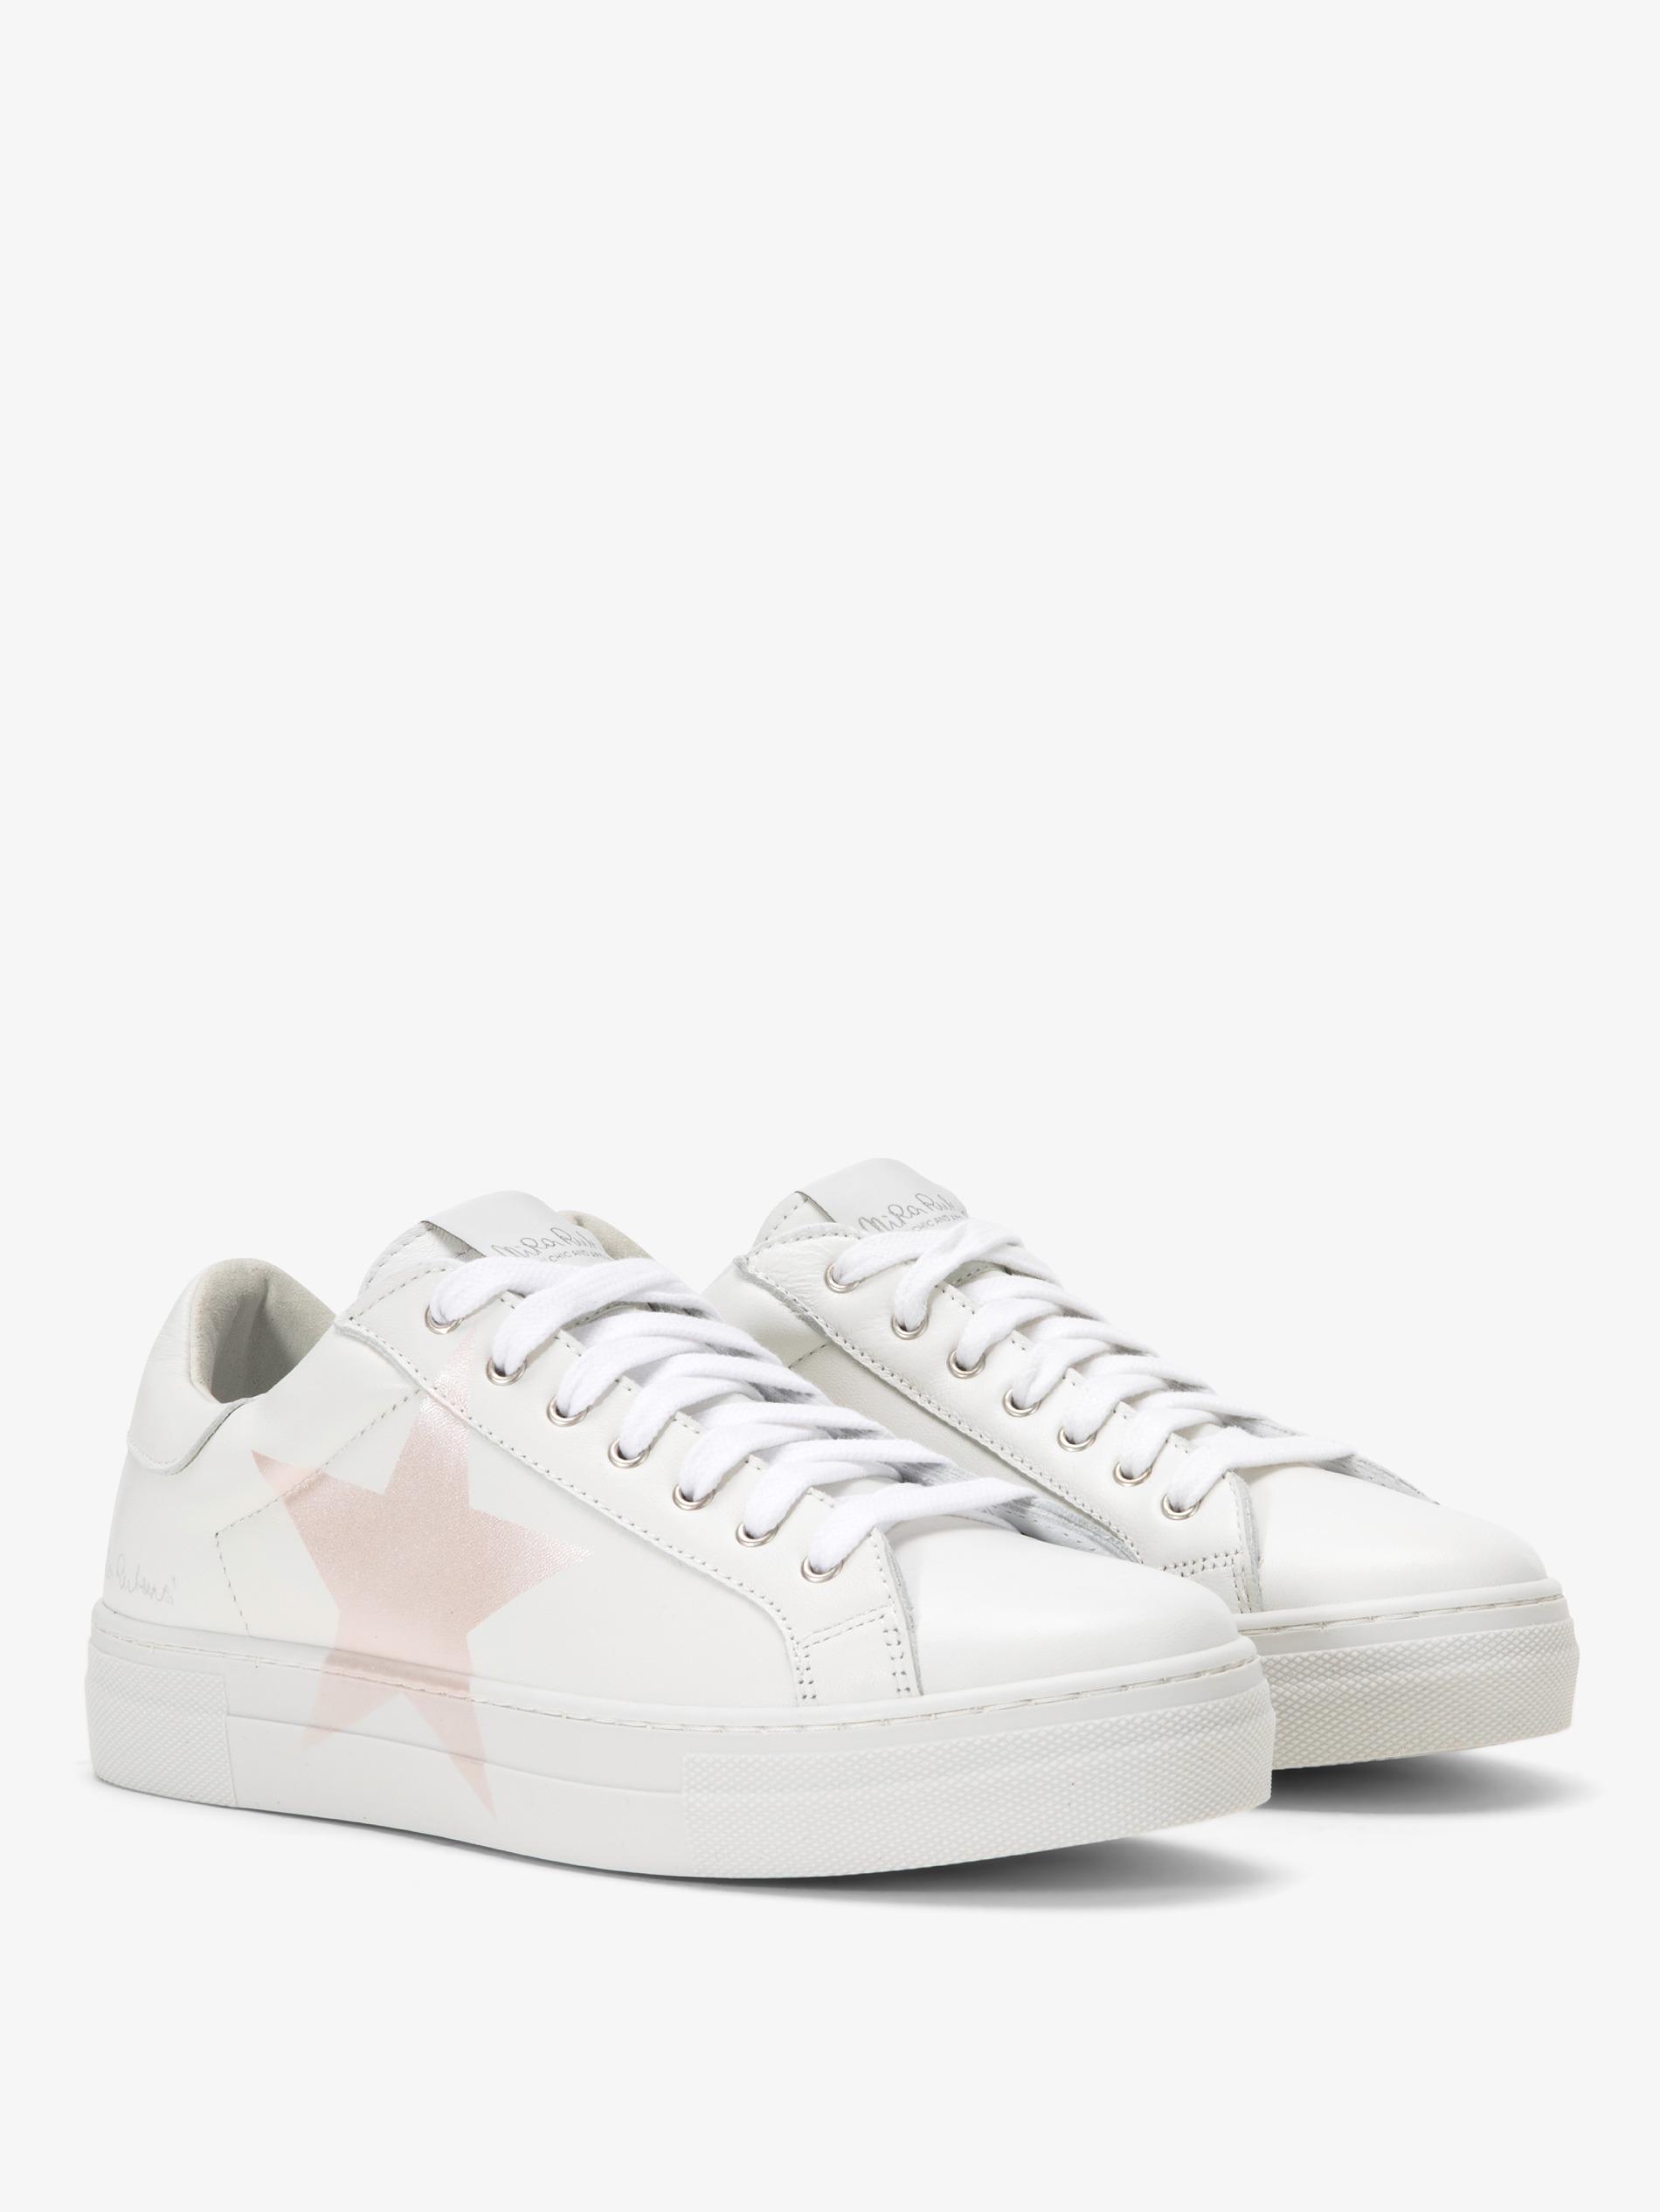 più recente f2db5 43308 Sneakers Martini Bianco - Stella Rose Madreperla